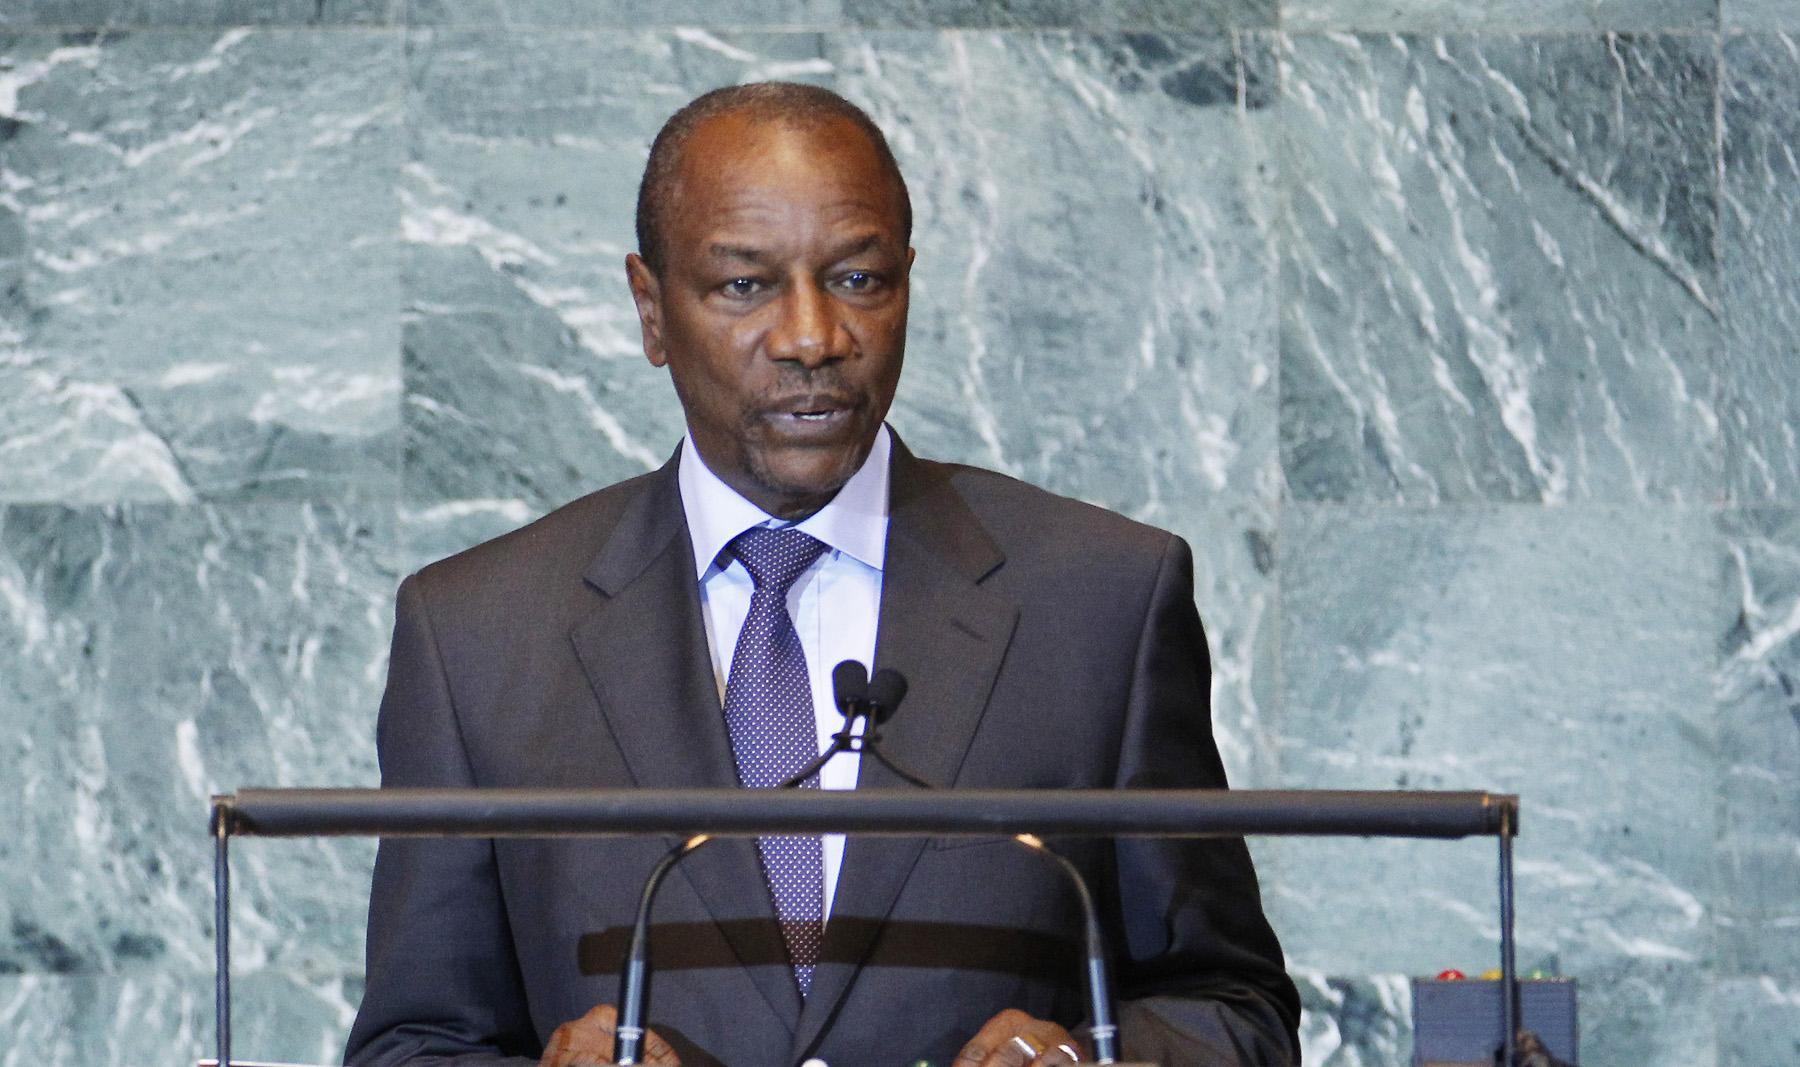 3e mandat: Grosse pression sur les chefs d'Etat africains en fonction